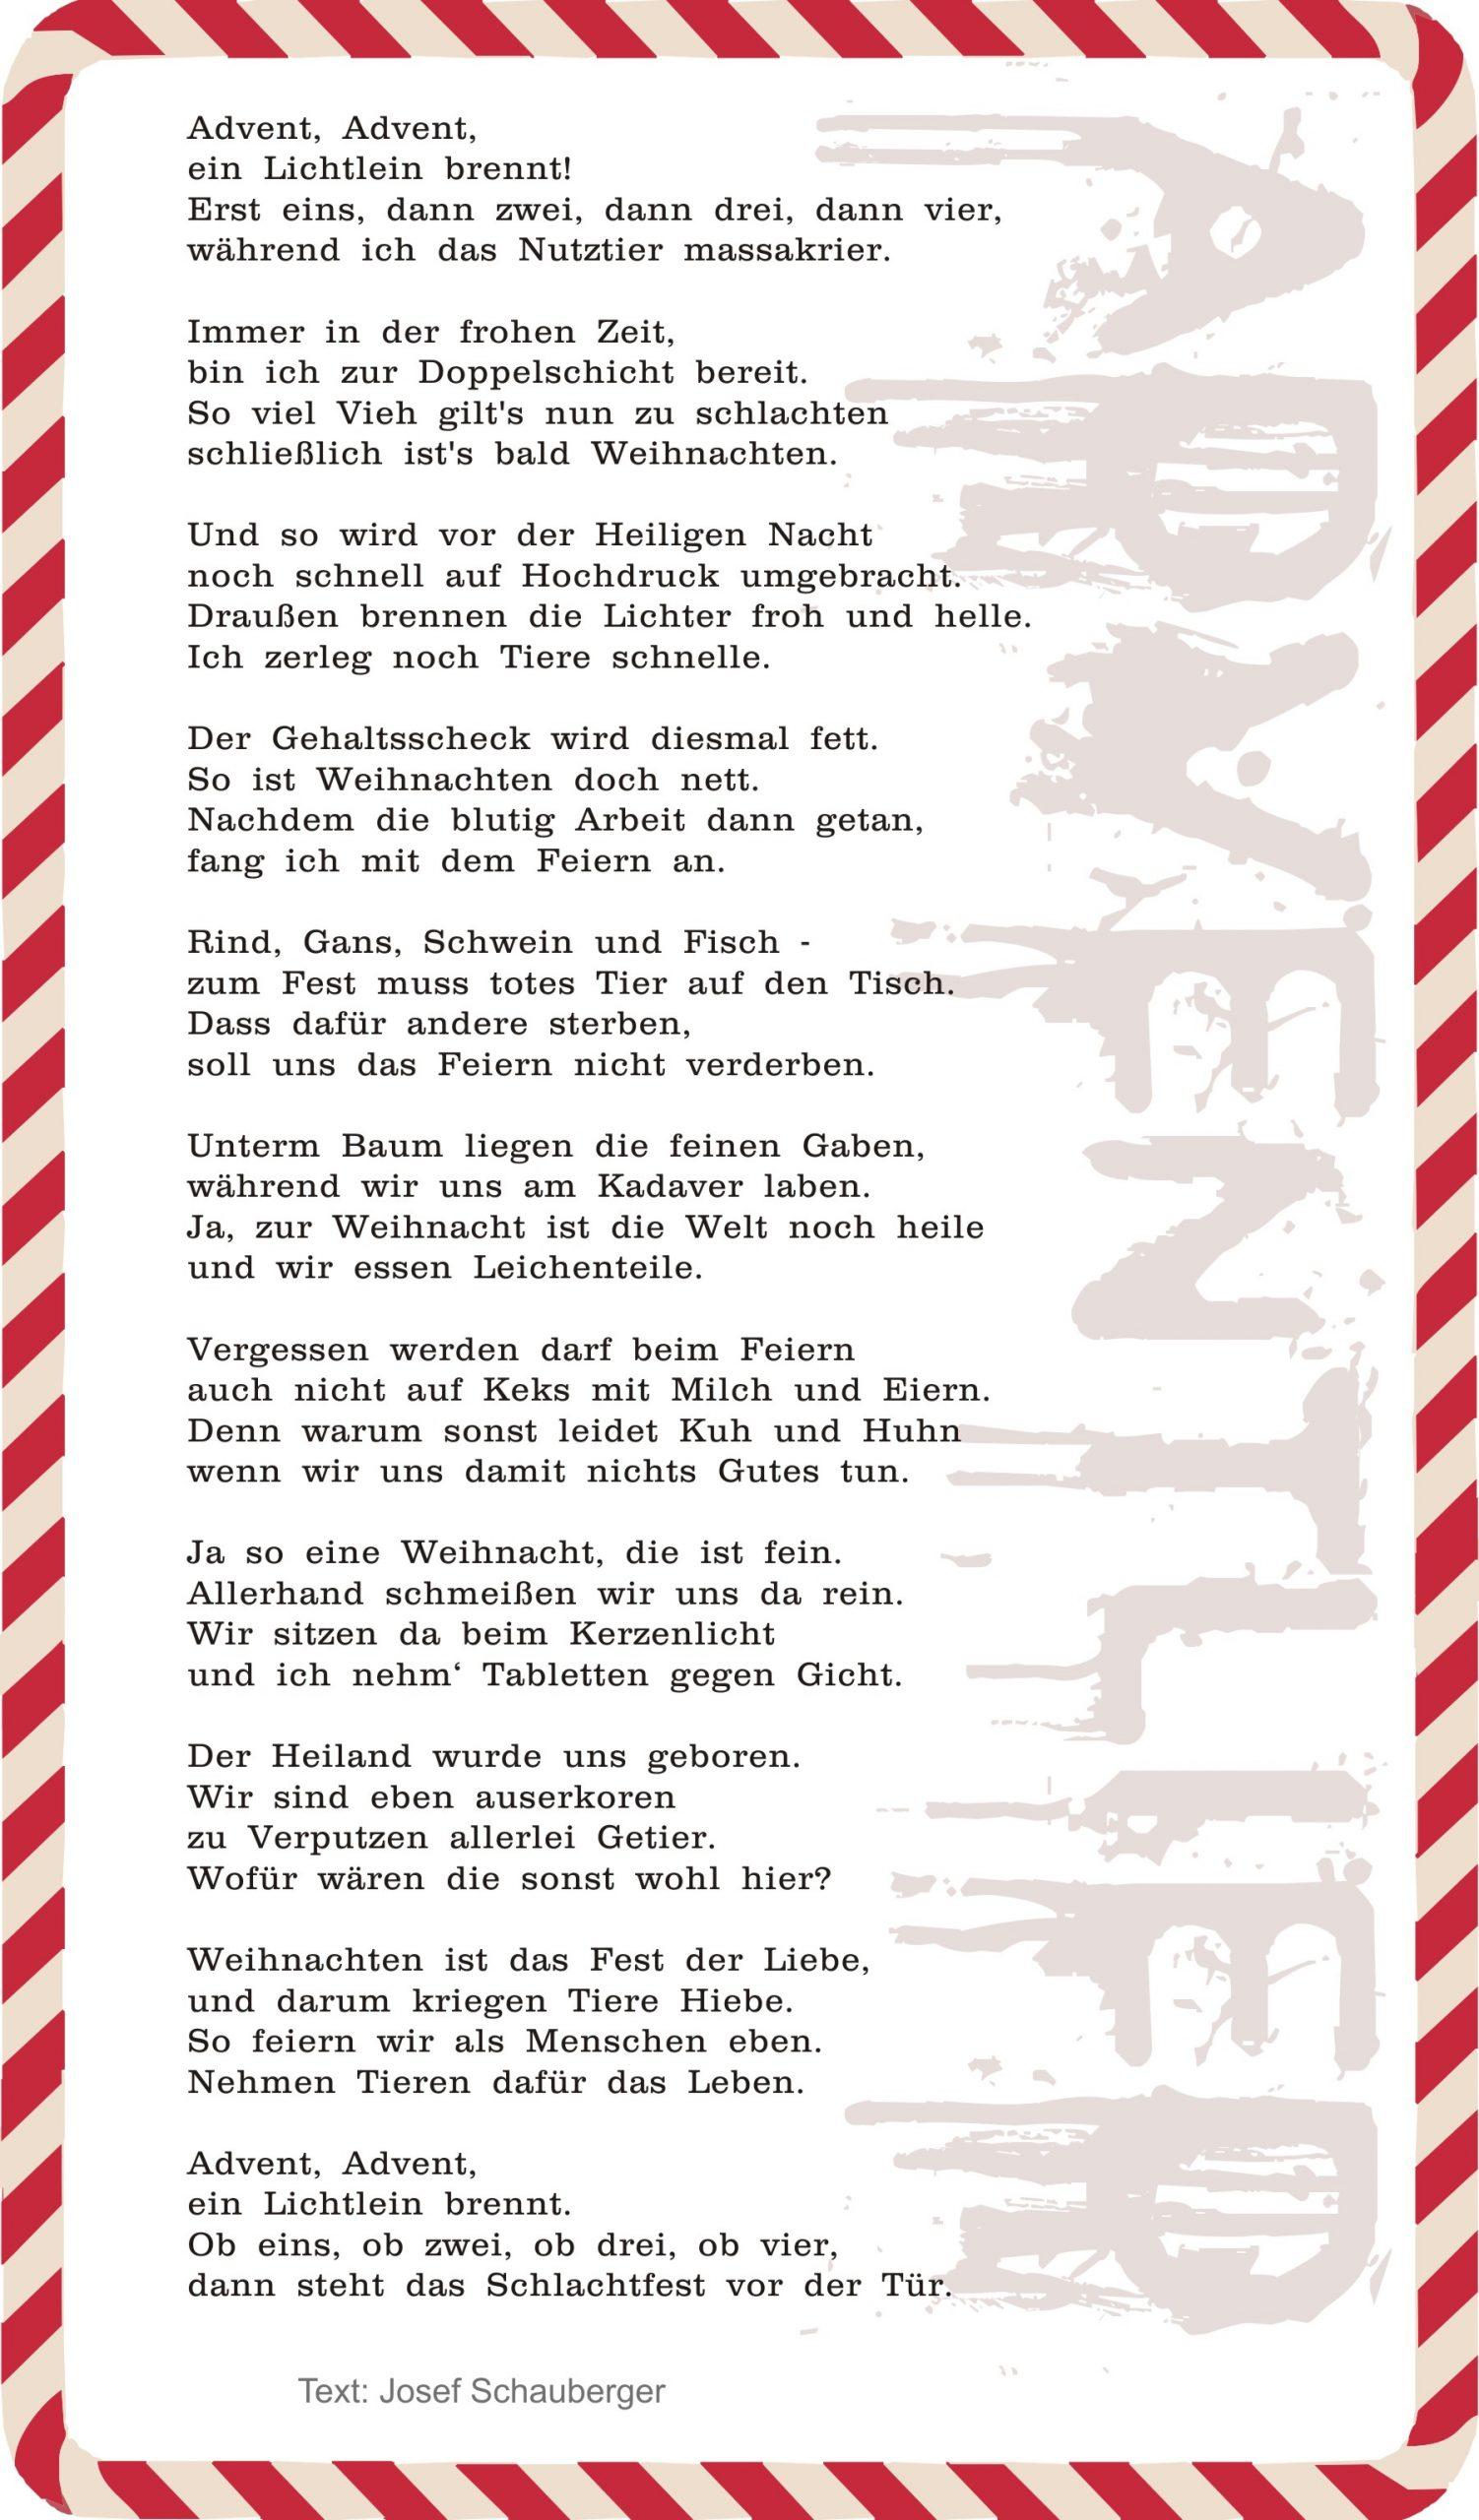 Adventlied: Advent, Advent, Ein Lichtlein Brennt  Pro Vegan bei Advent Advent Ein Türke Brennt